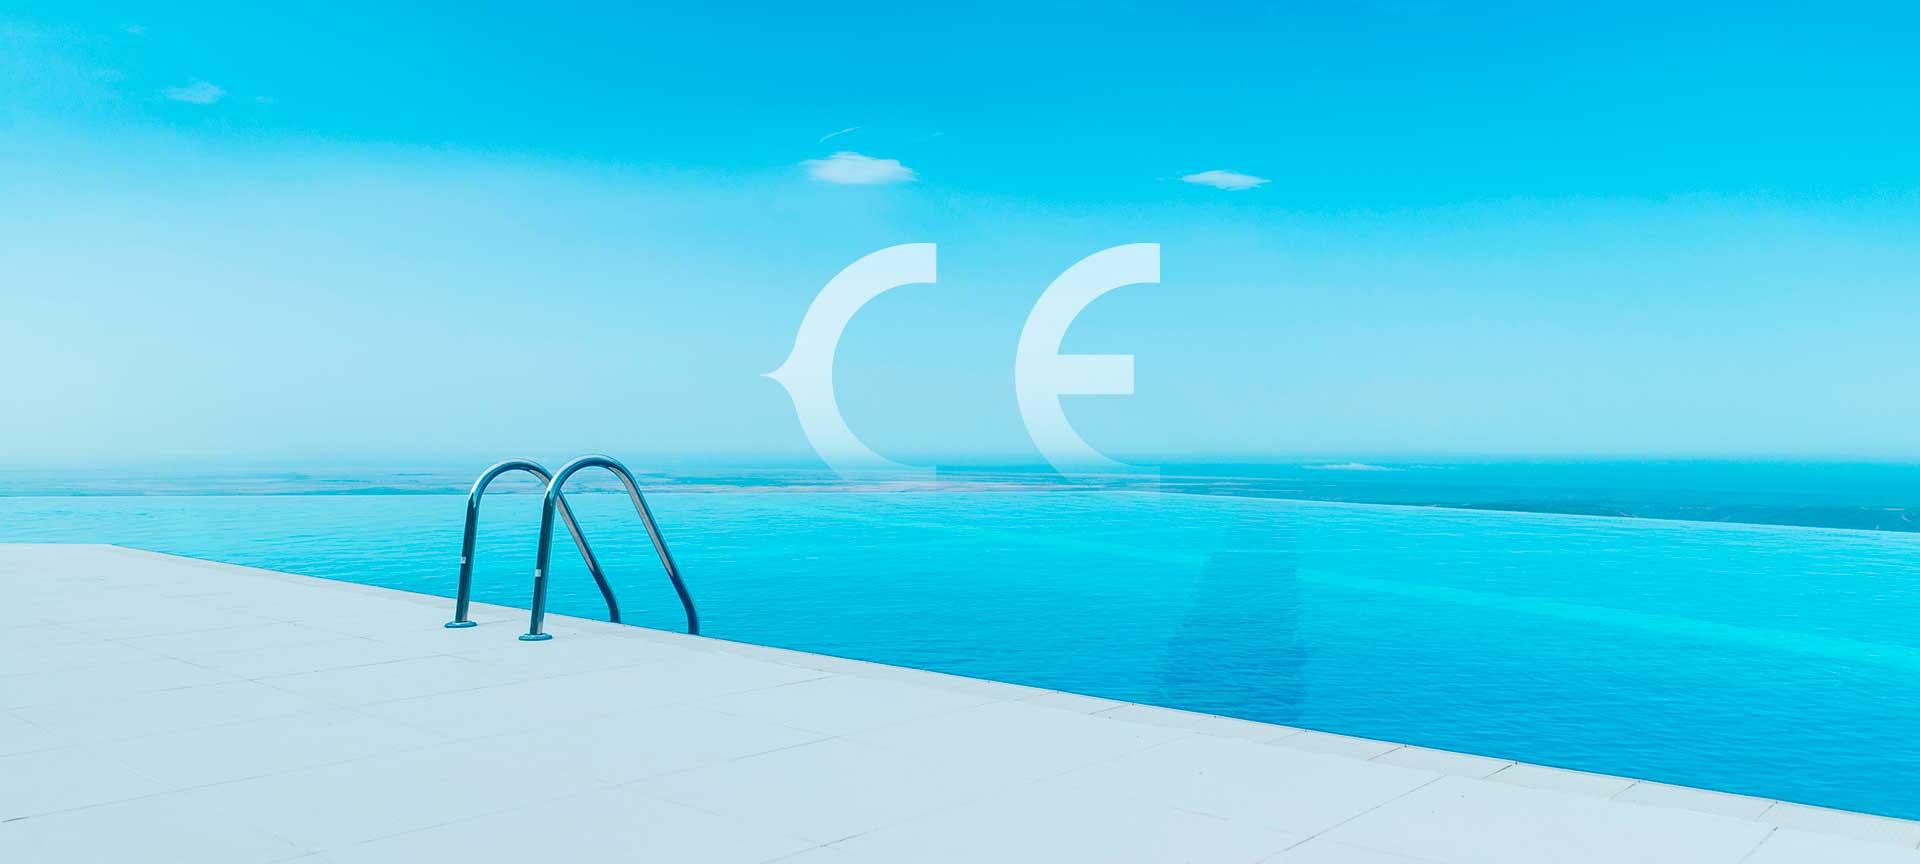 Primera marca española de cubiertas de piscina certificada con MARCADO CE